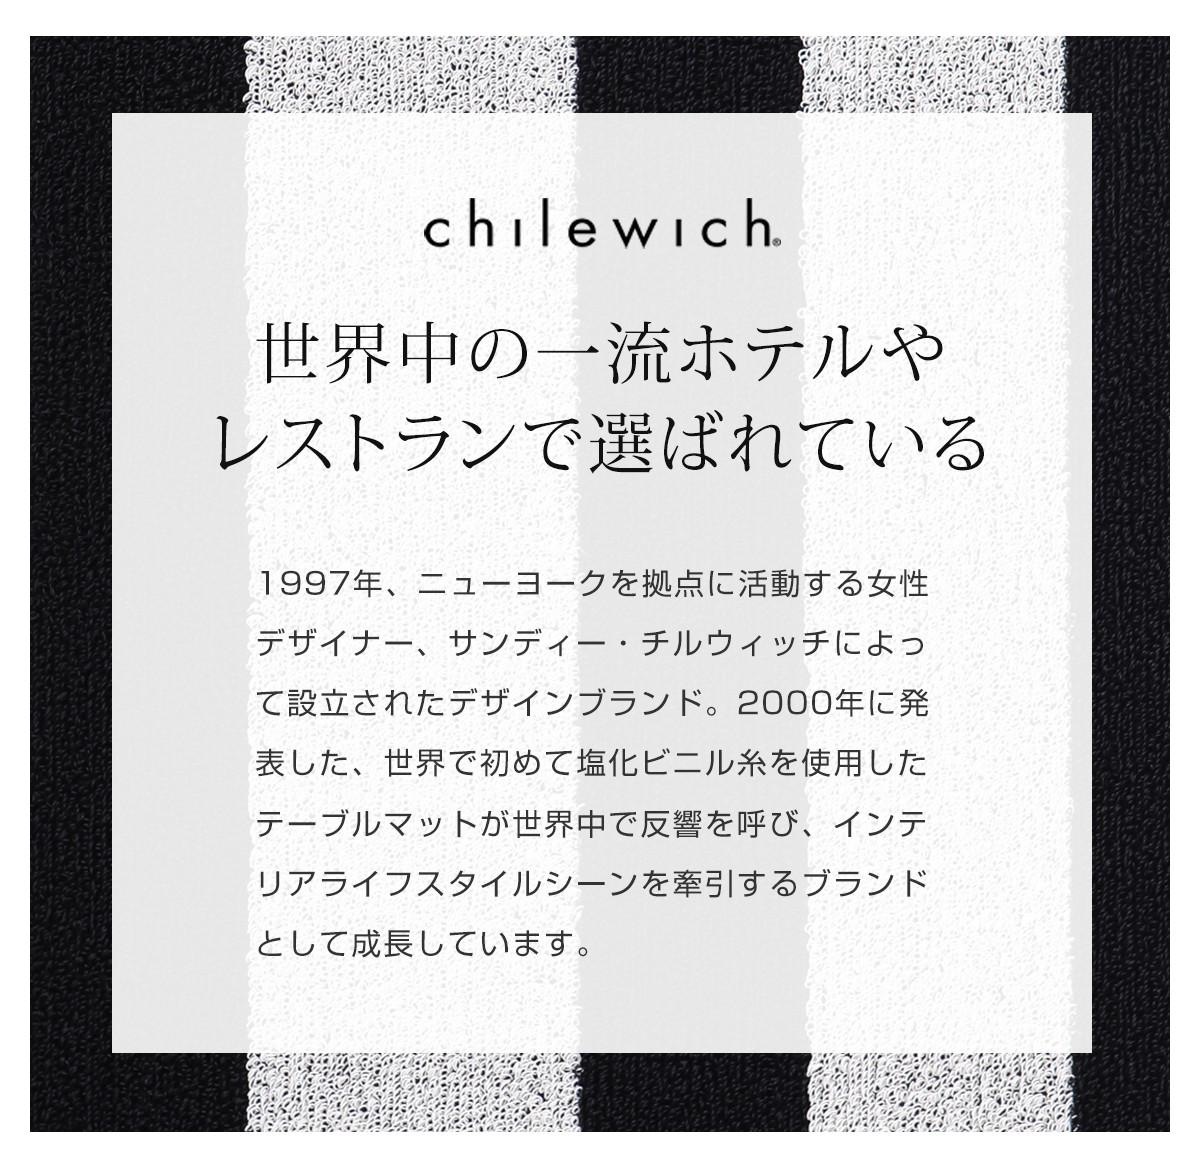 チルウィッチ キッチンマット ボールドストライプ ユーティリティマット 200127